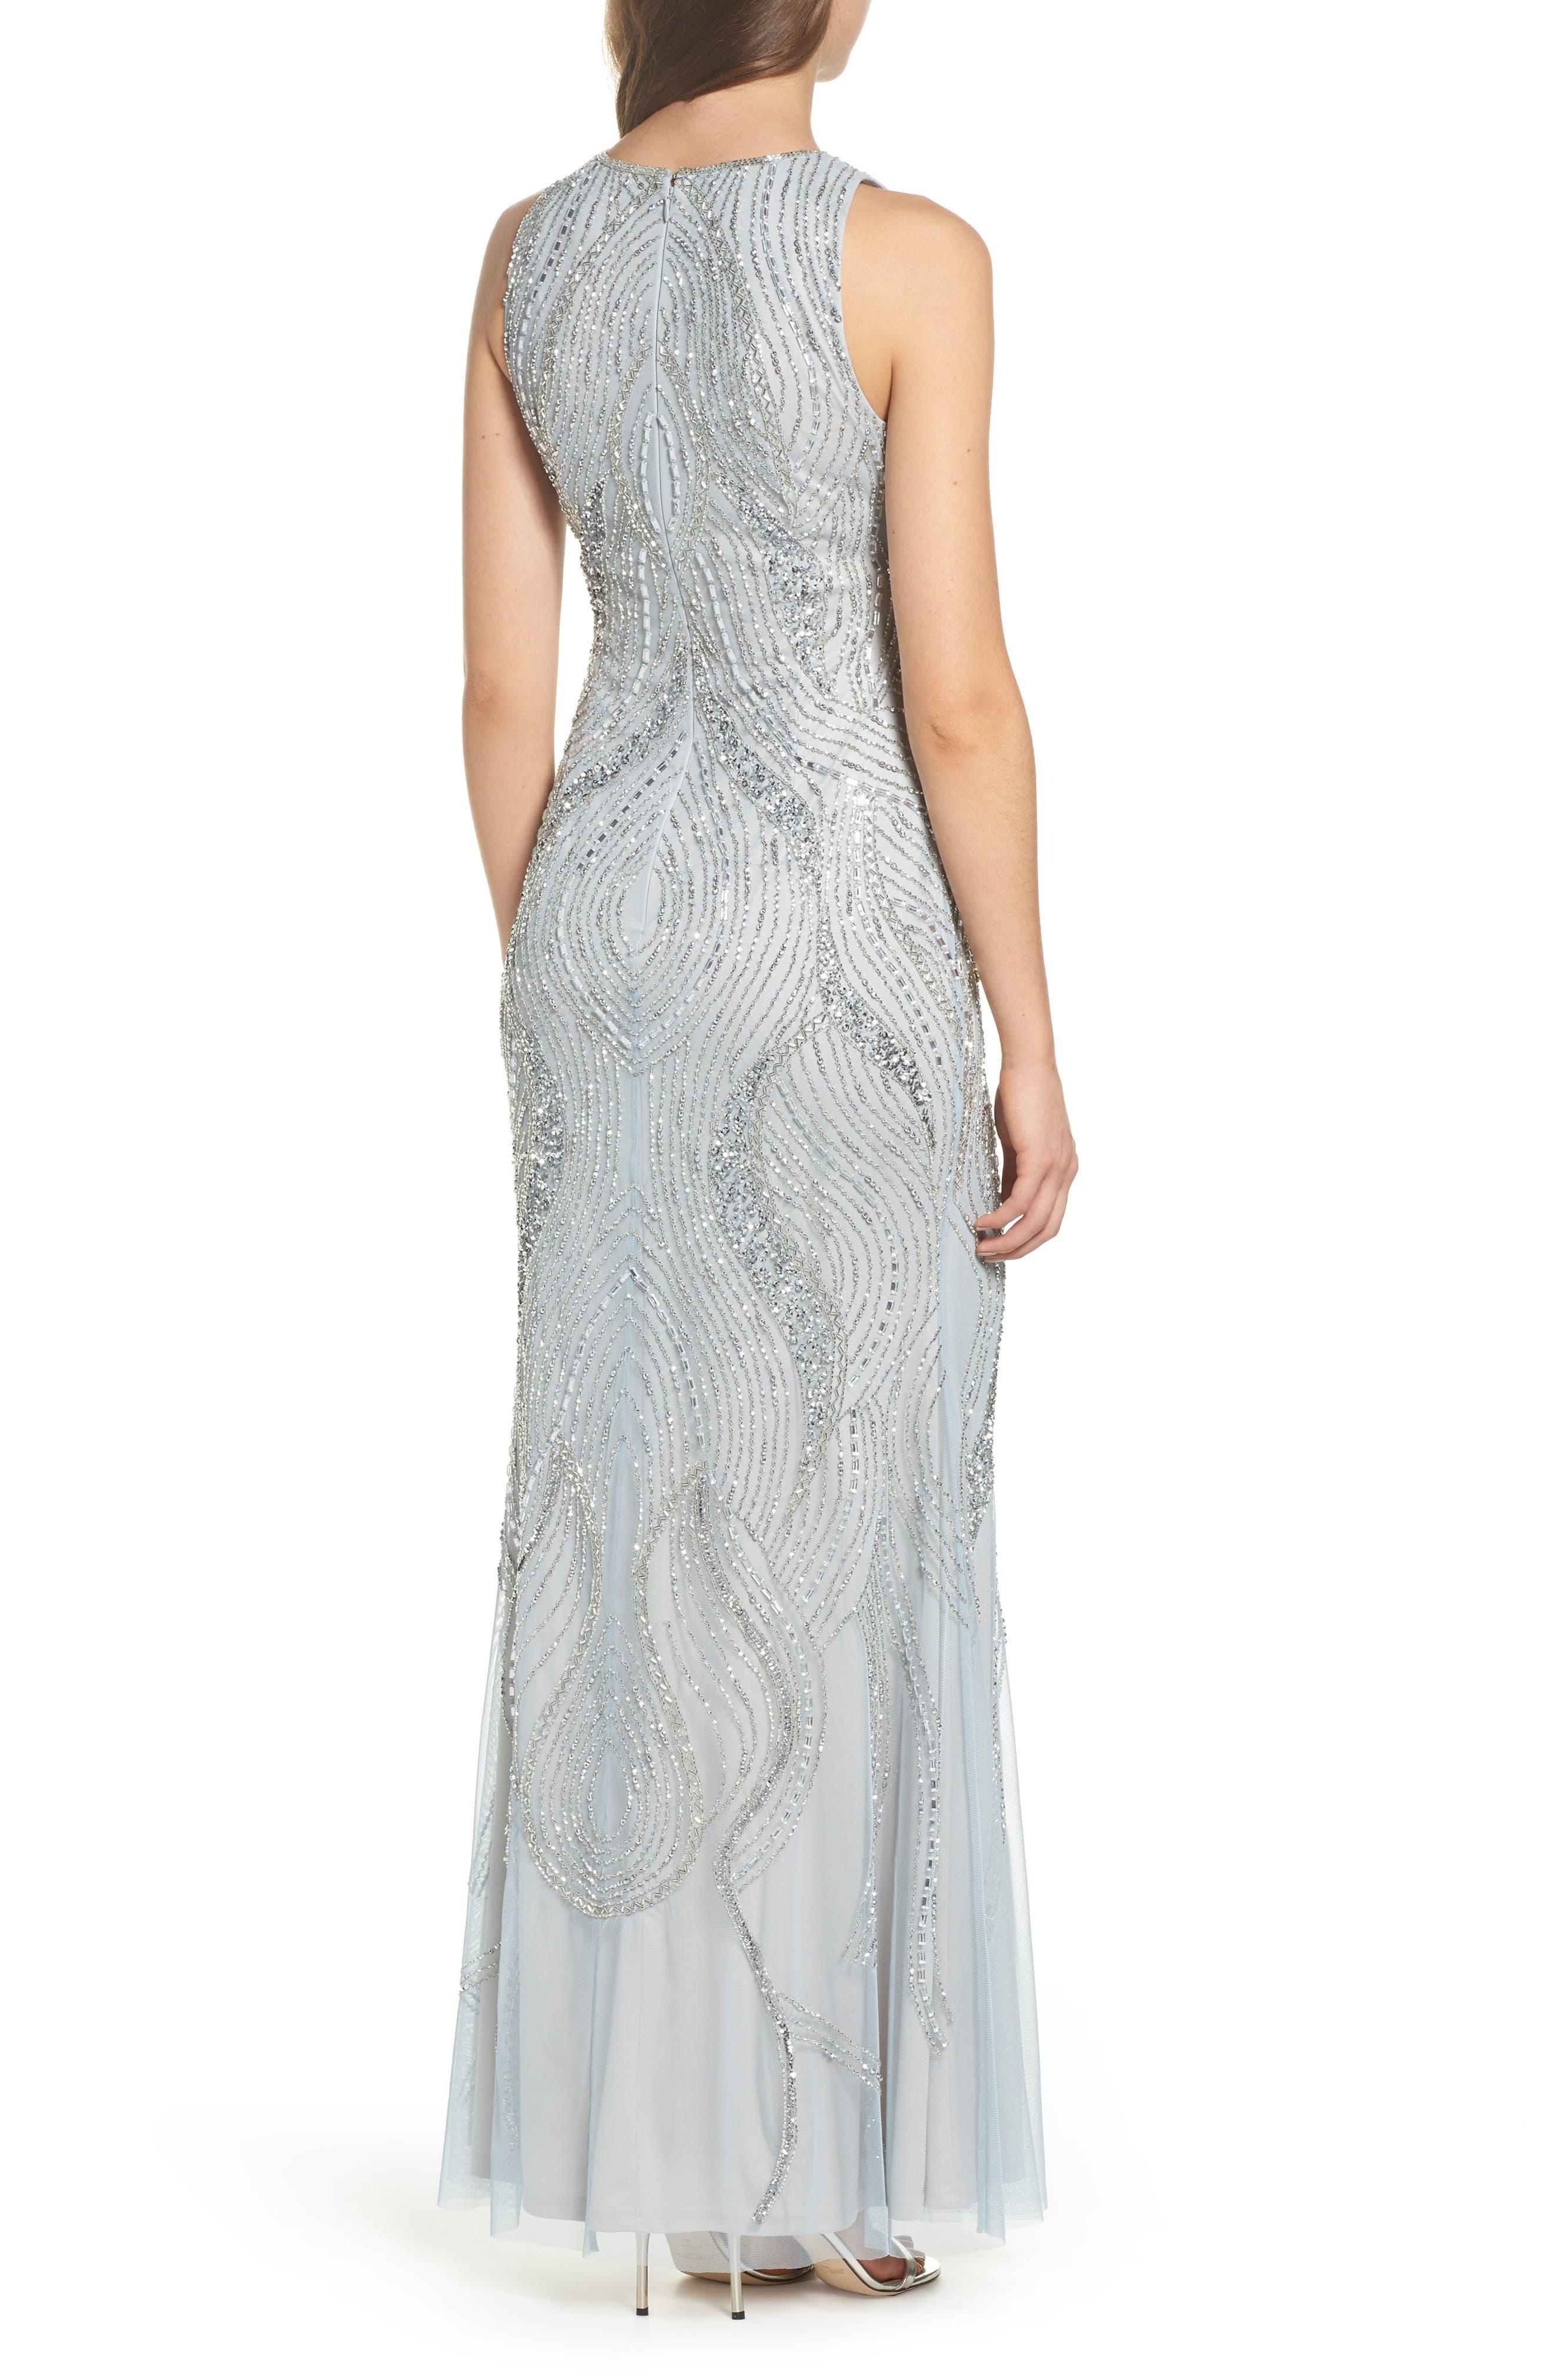 Swirl Beaded Long Dress,                             Alternate thumbnail 2, color,                             040